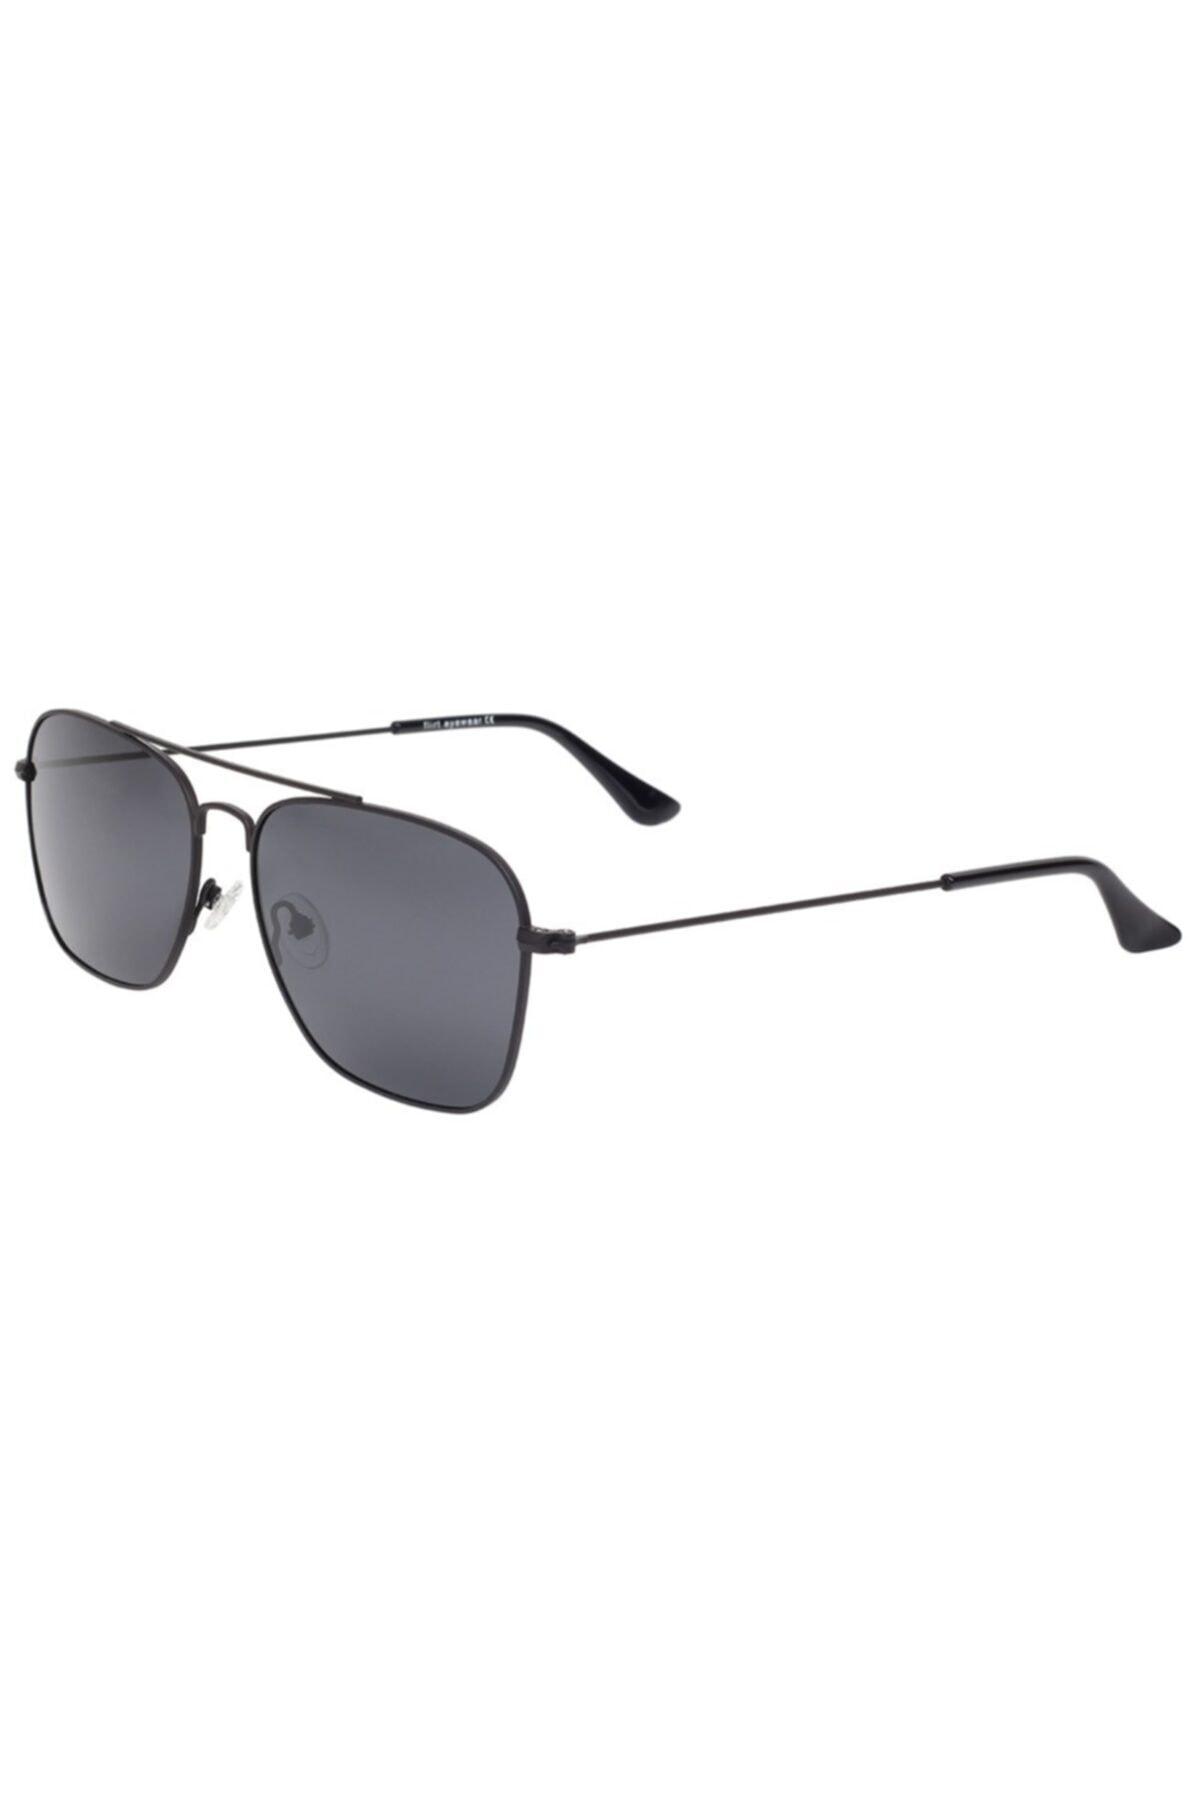 خرید عینک آفتابی غیرحضوری برند Flirt رنگ مشکی کد ty68136458